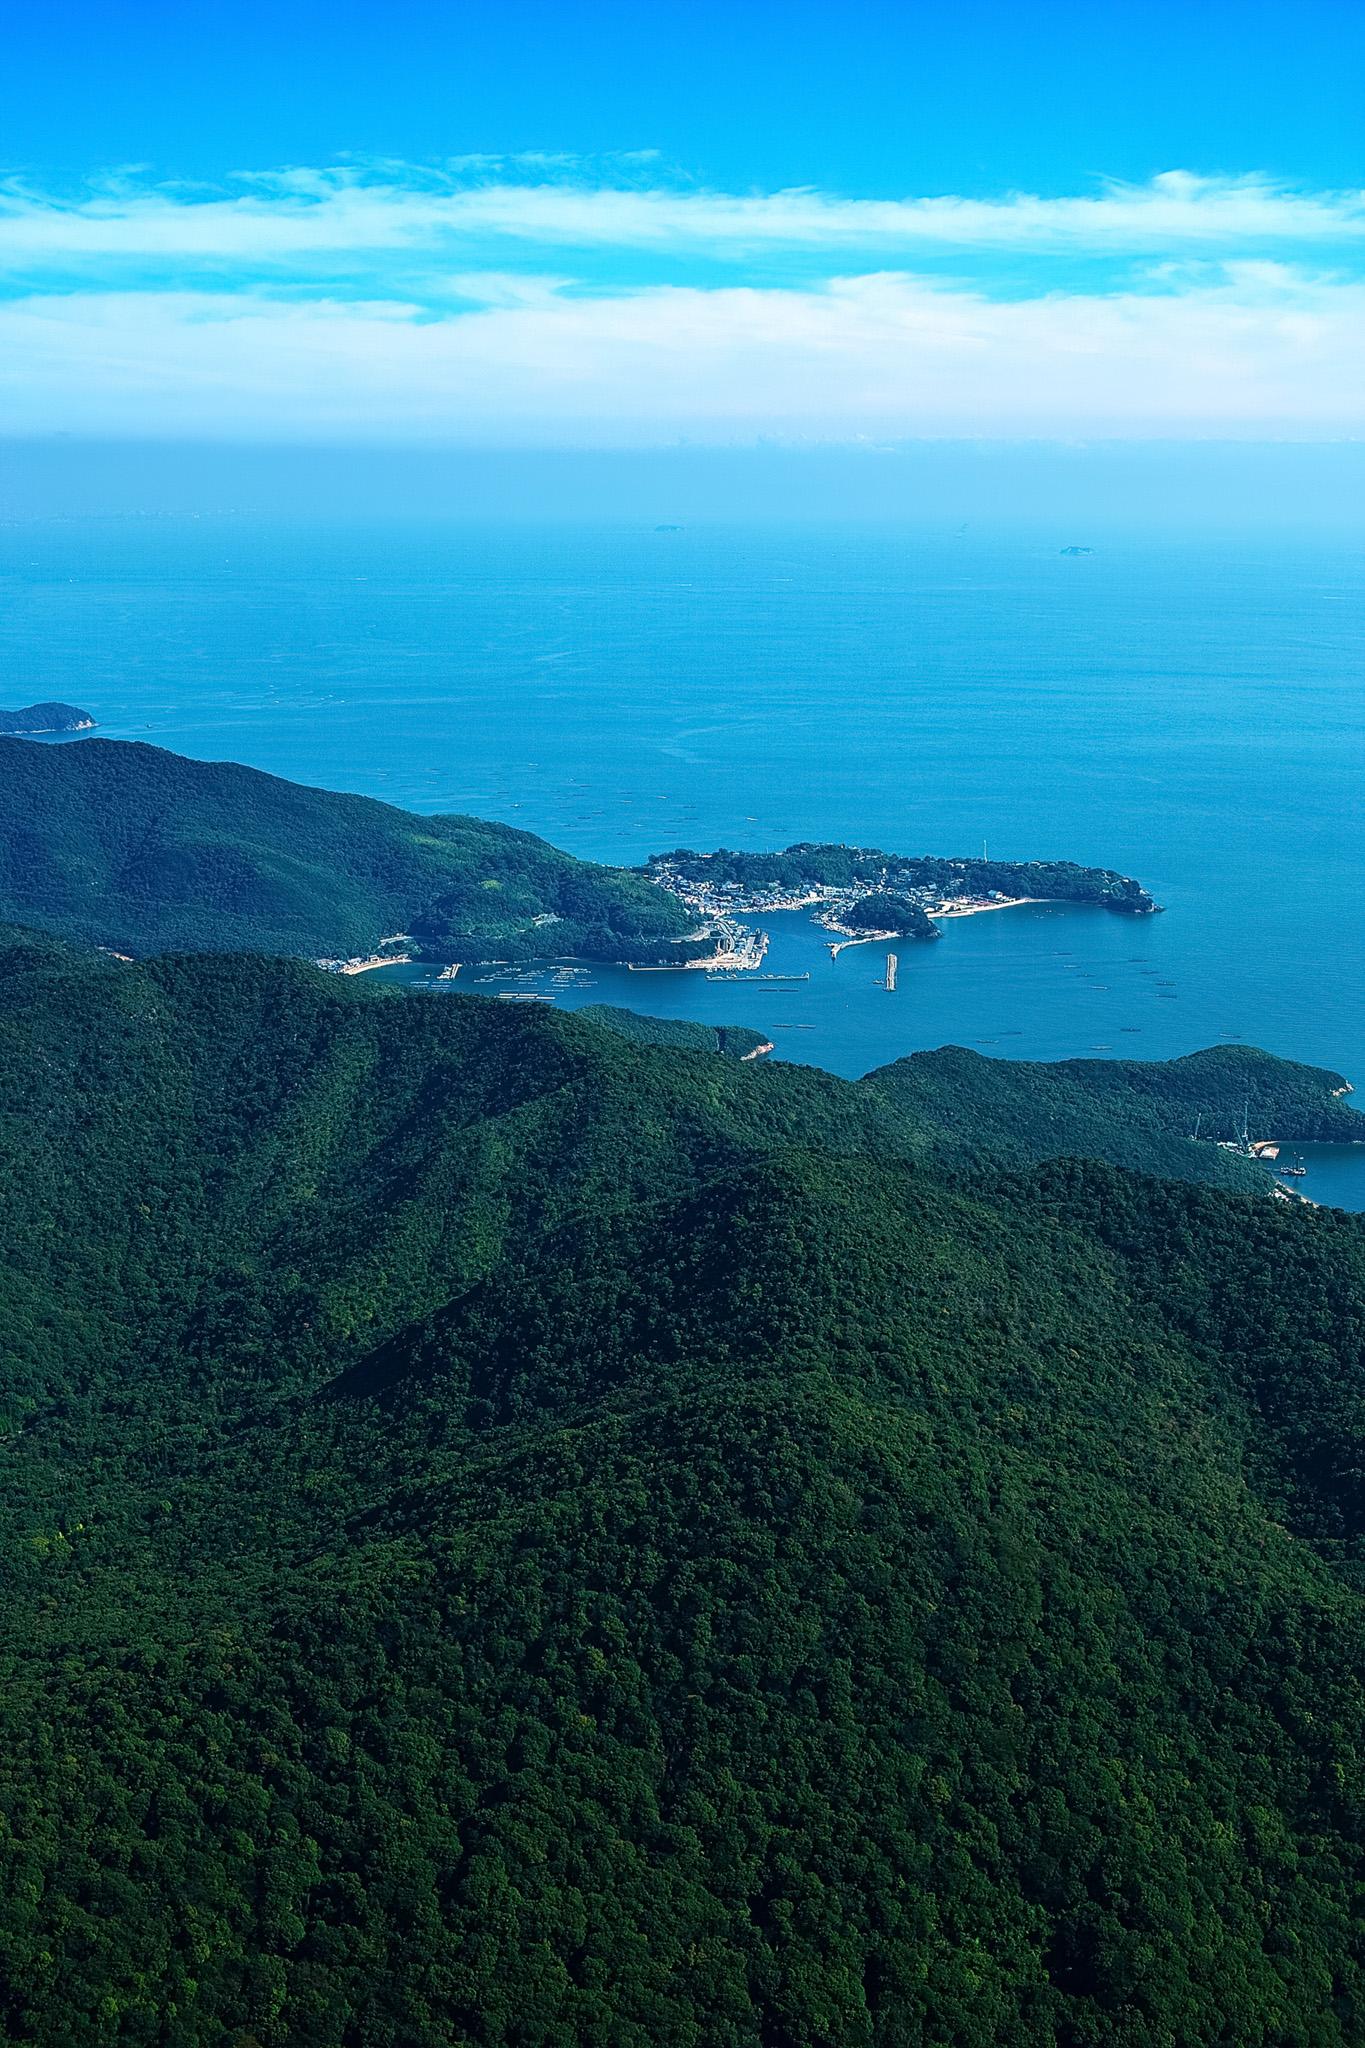 「岬にある小さな港町」の素材を無料ダウンロード